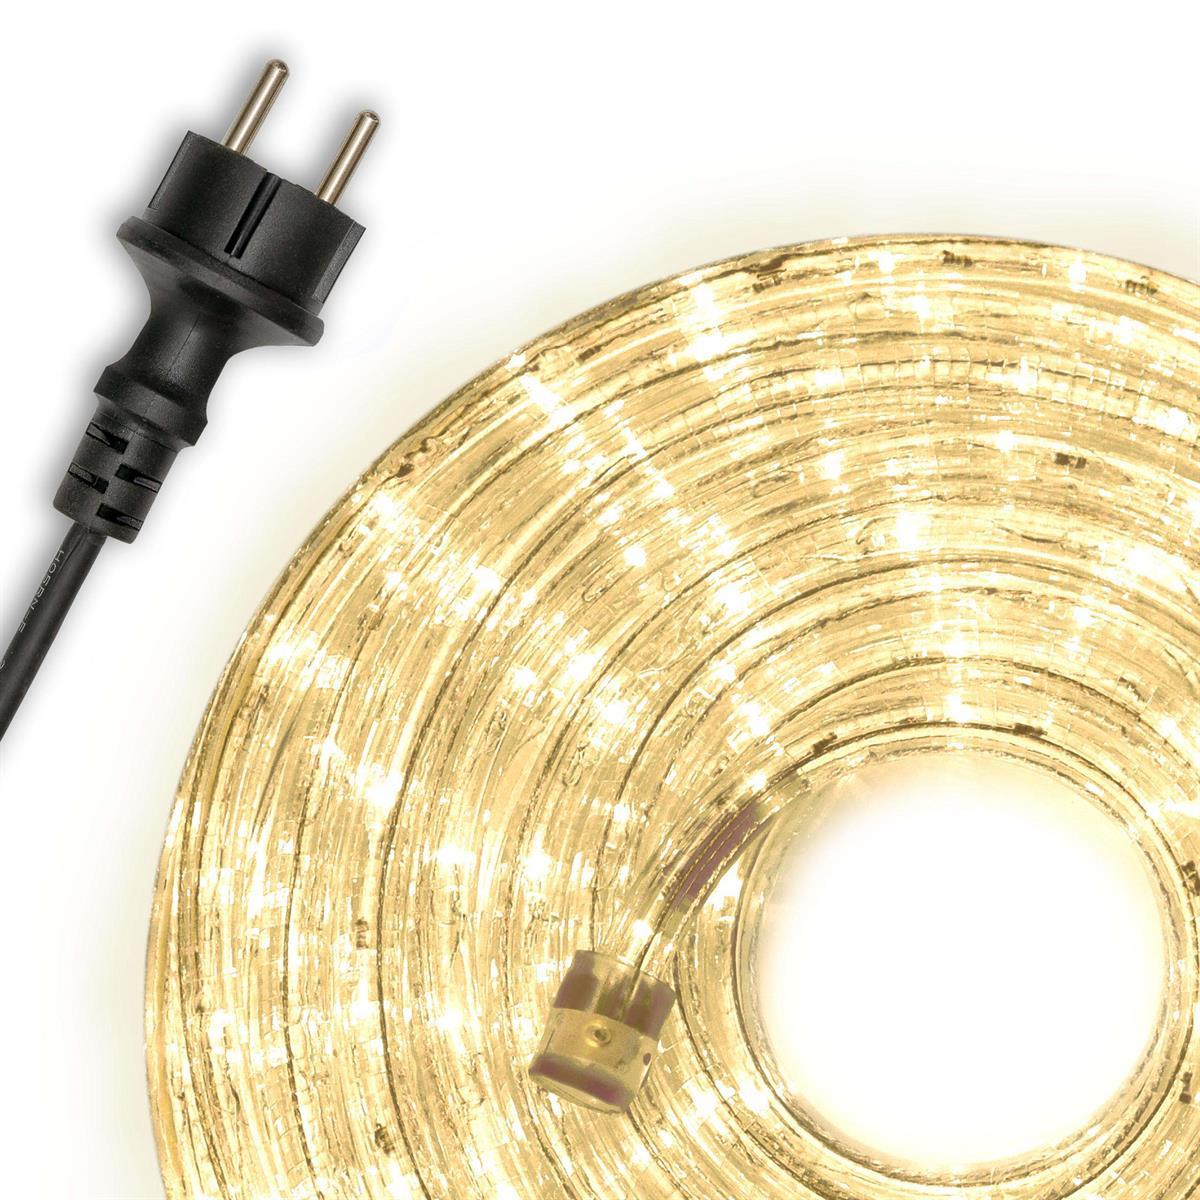 10m LED Lichtschlauch Lichterschlauch warm-weiß Innen Außen Weihnachten